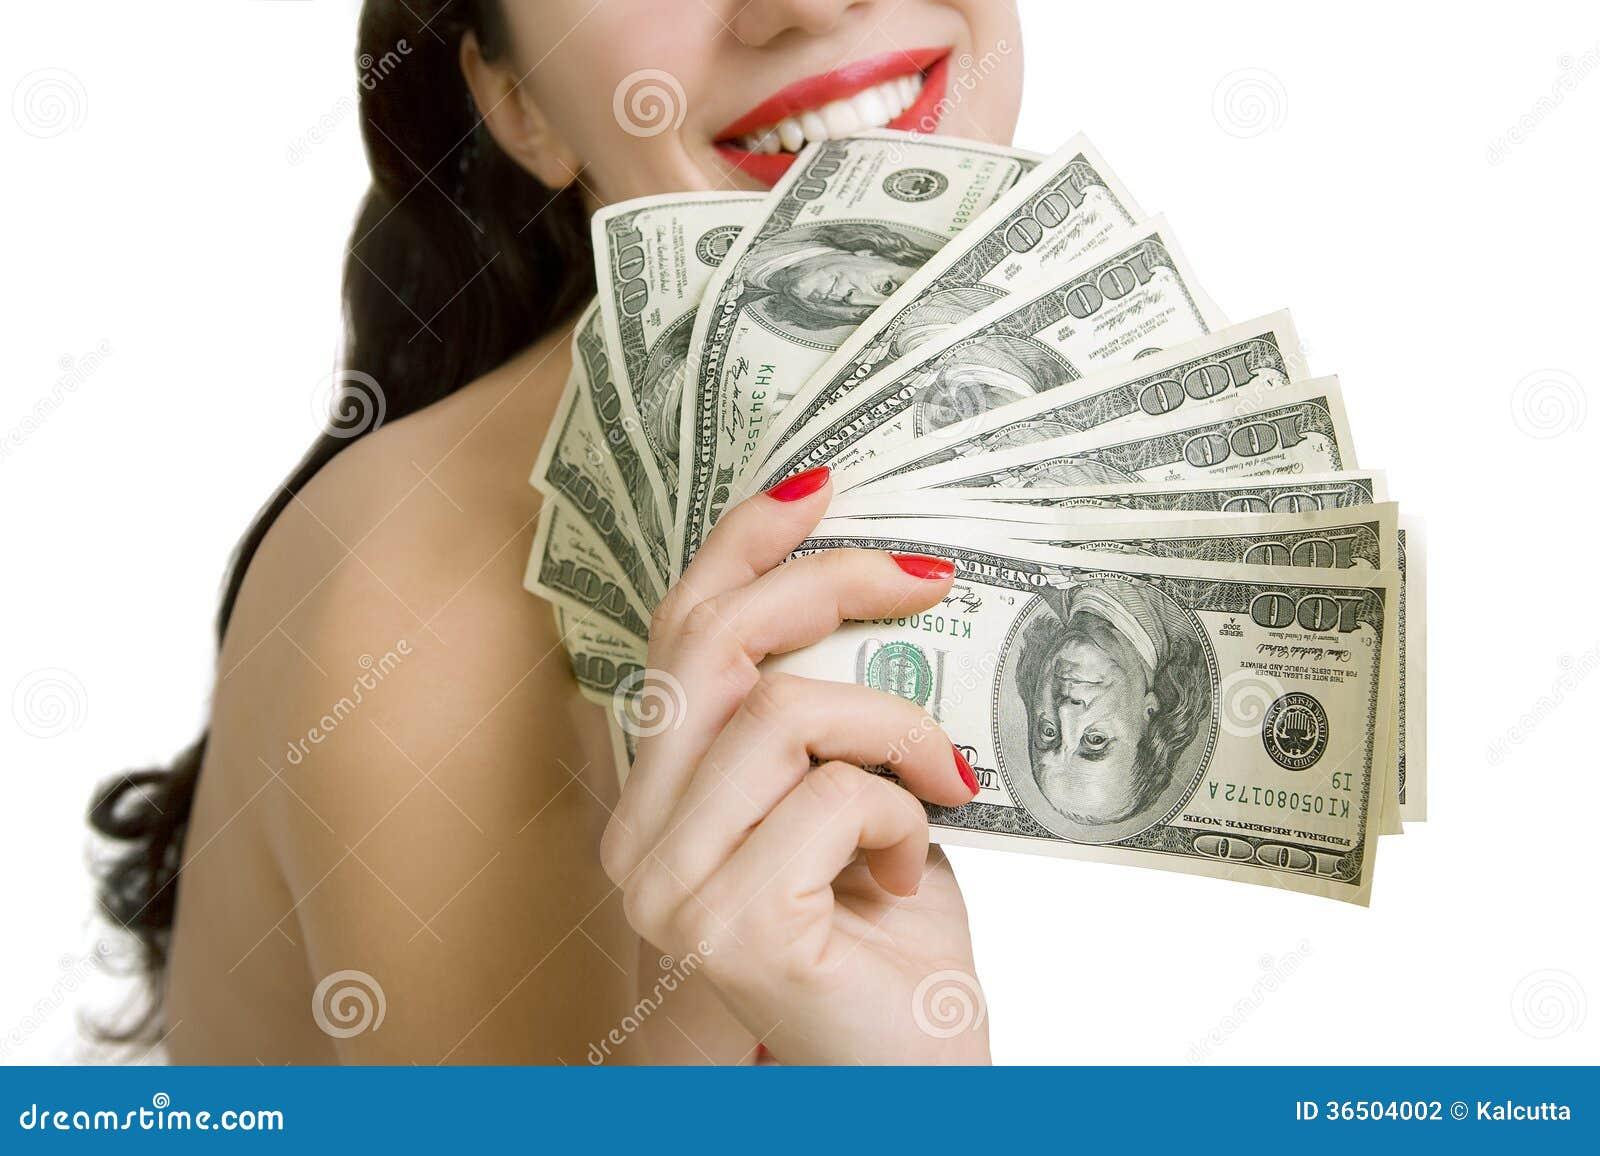 Сексуальные услуги за деньги заберу